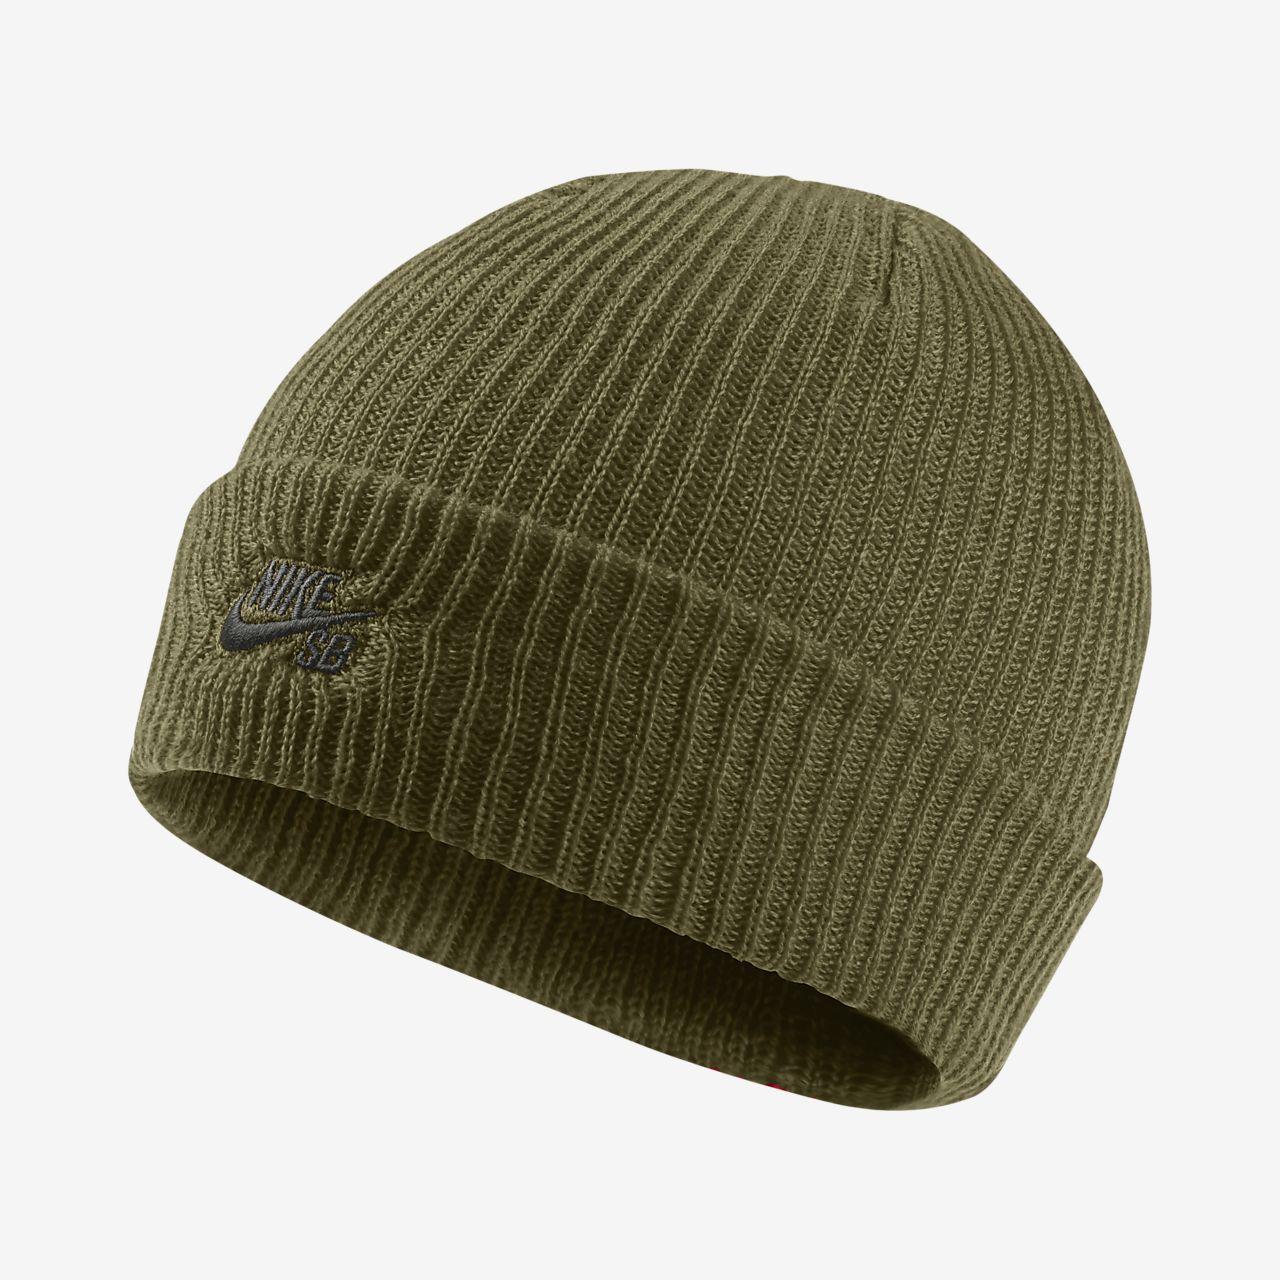 gorra nike sb e078c1a hat rojo oscuro c955e007 - dfpaintingredding.com 4363198854d